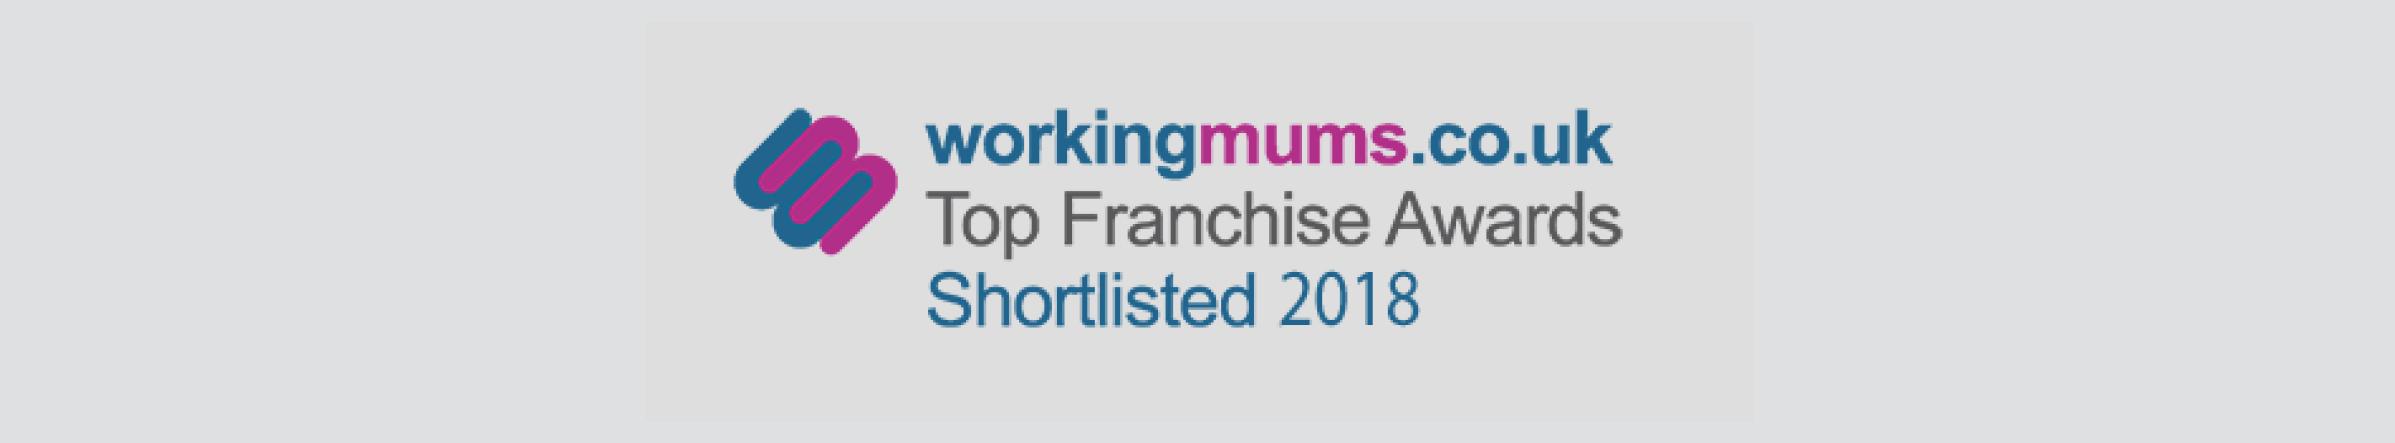 Pyjama Drama shortlisted for Working Mums franchise awards 2018